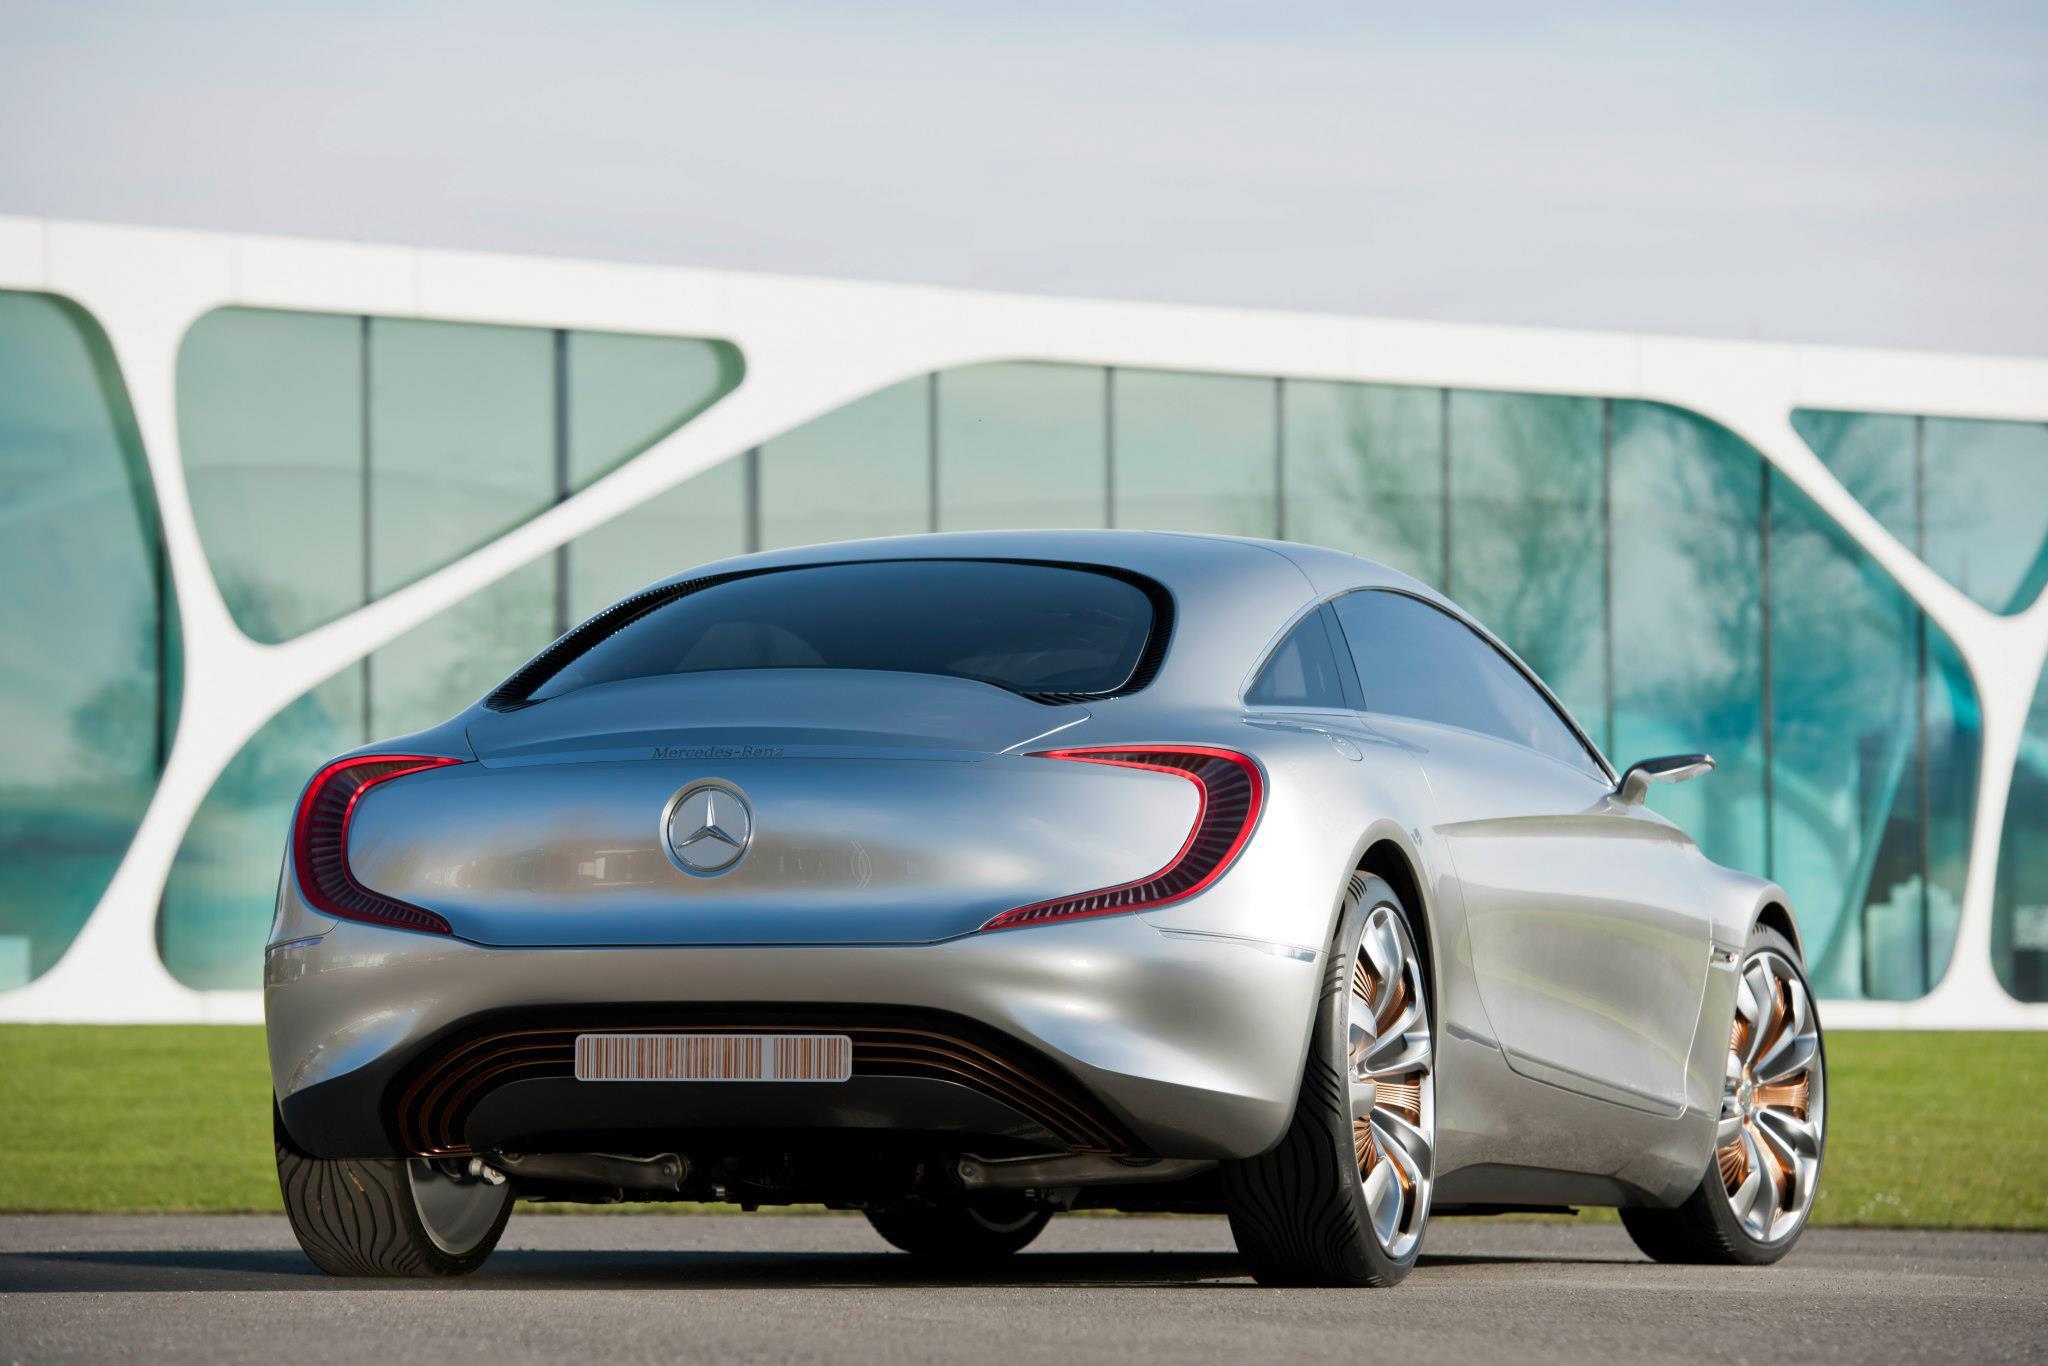 Mercedes-Benz F 125 Concept Car